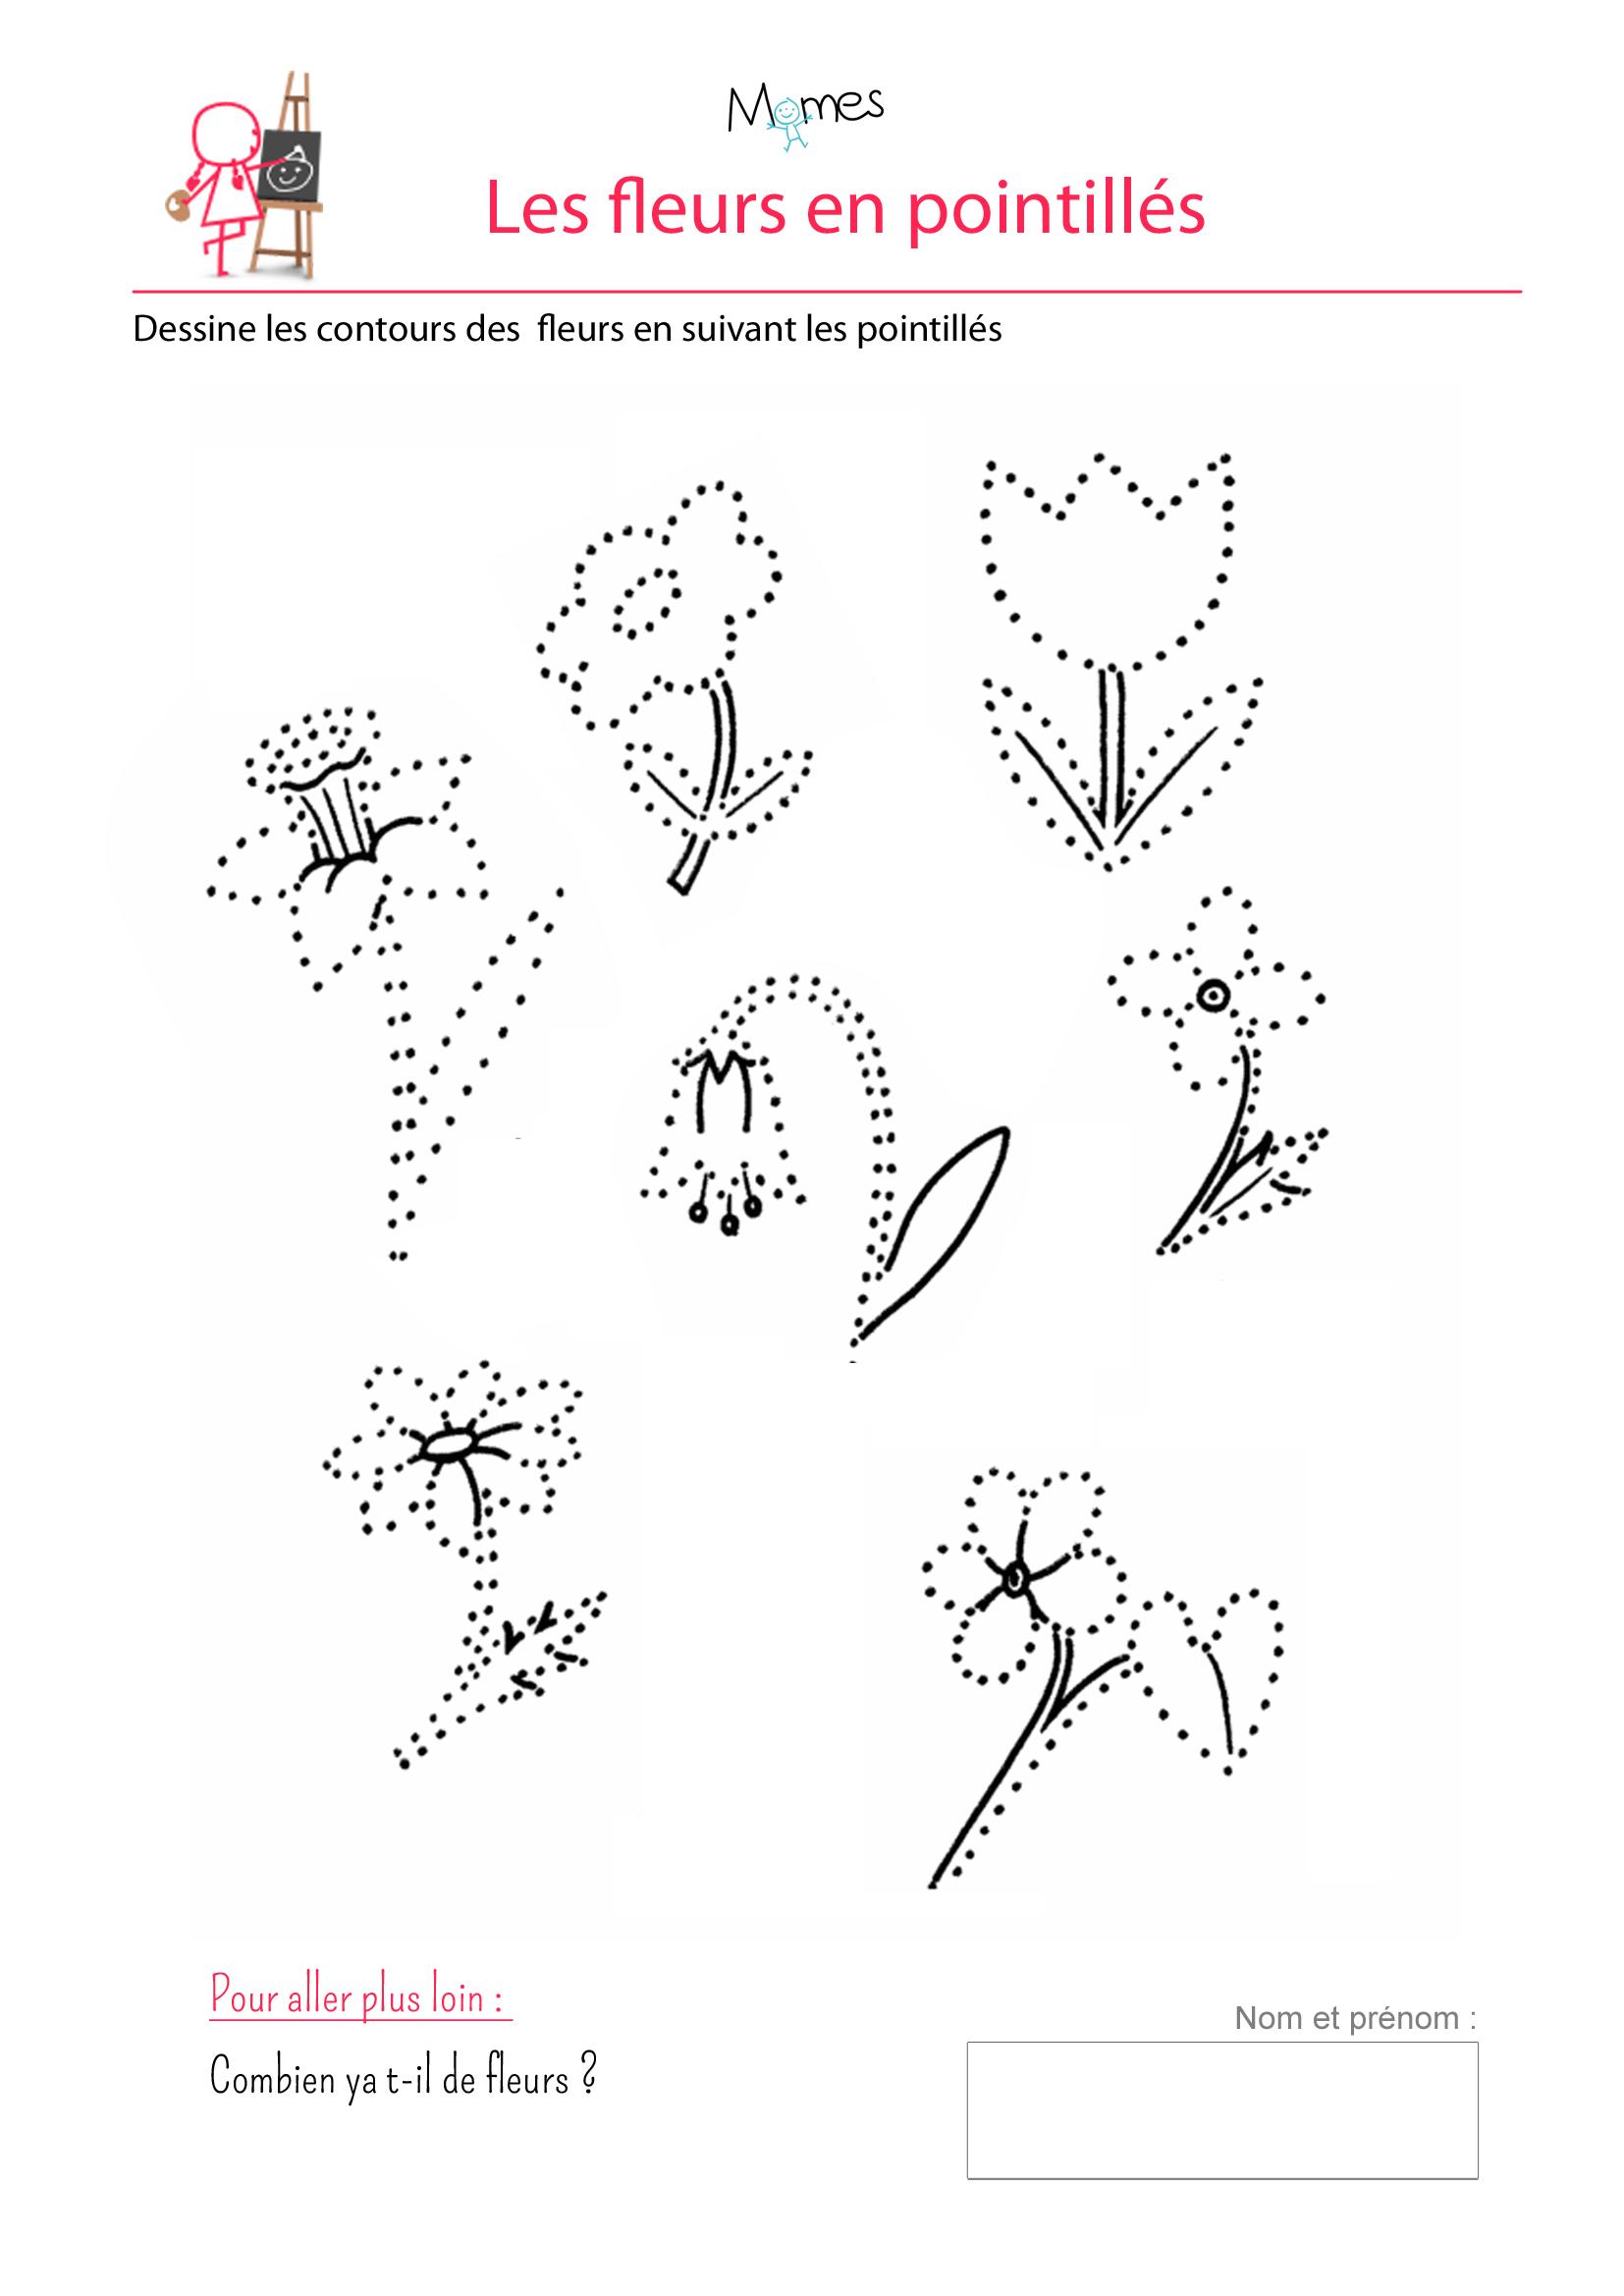 Dessiner les contours des fleurs à l'aide des pointillés